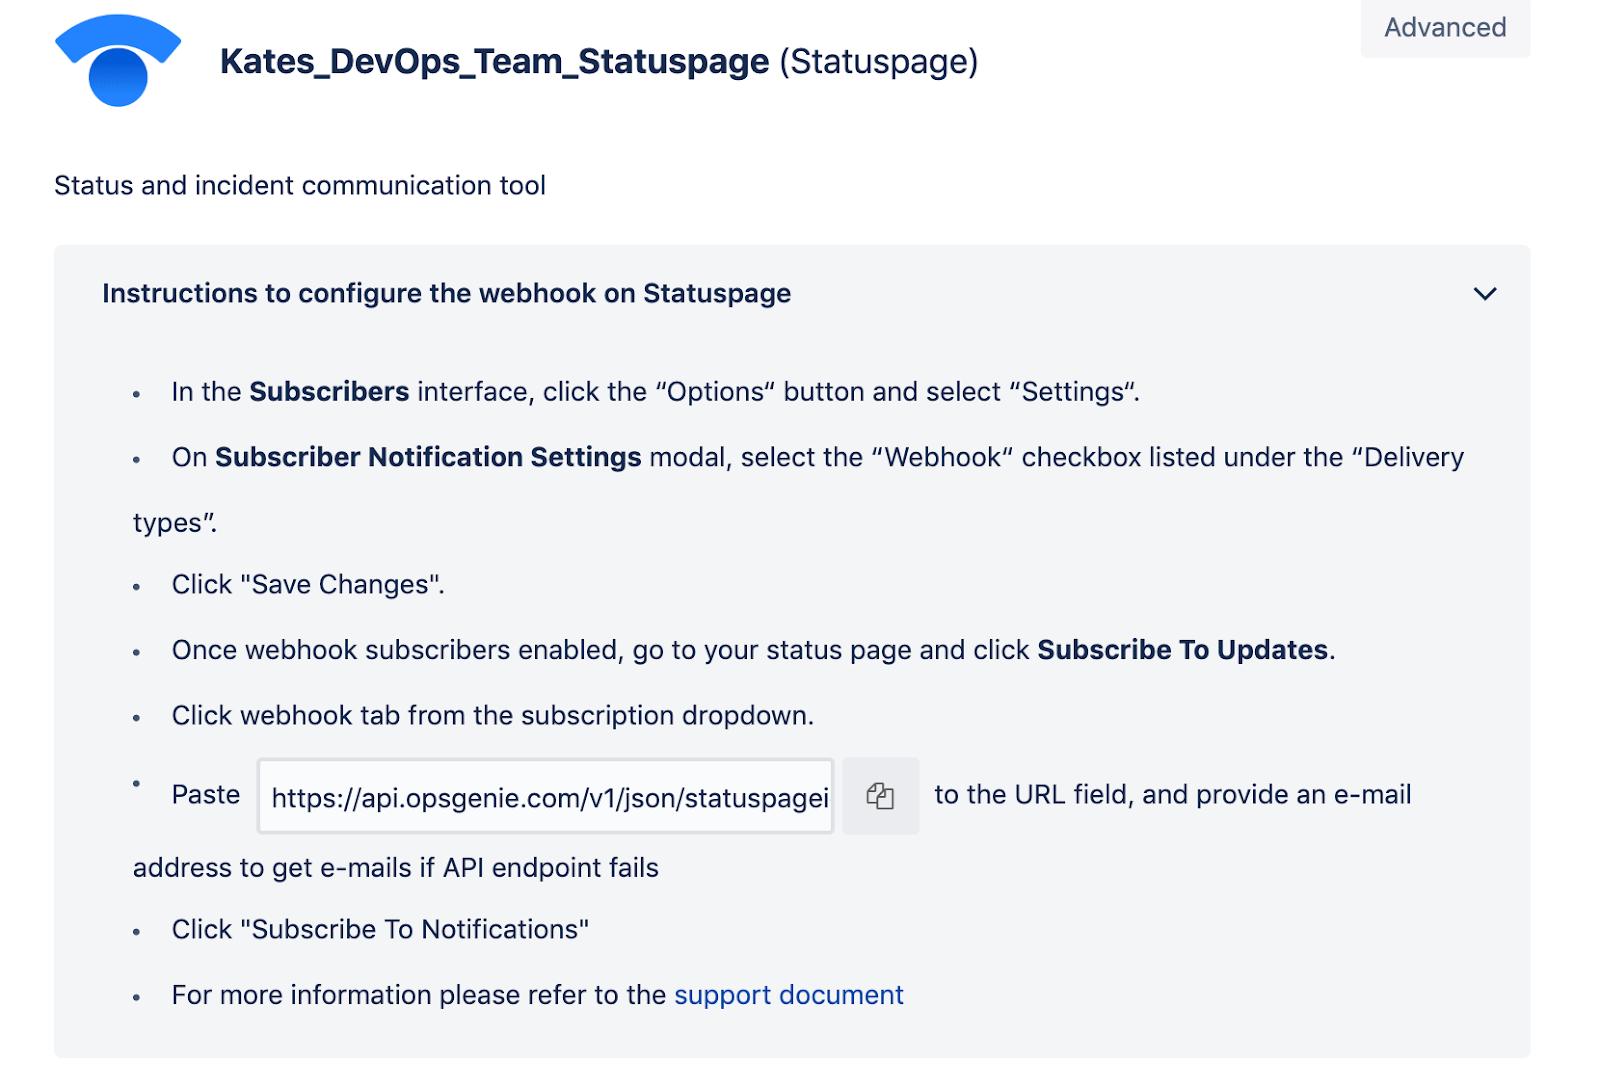 Anleitung zum Konfigurieren eines Webhooks in Statuspage